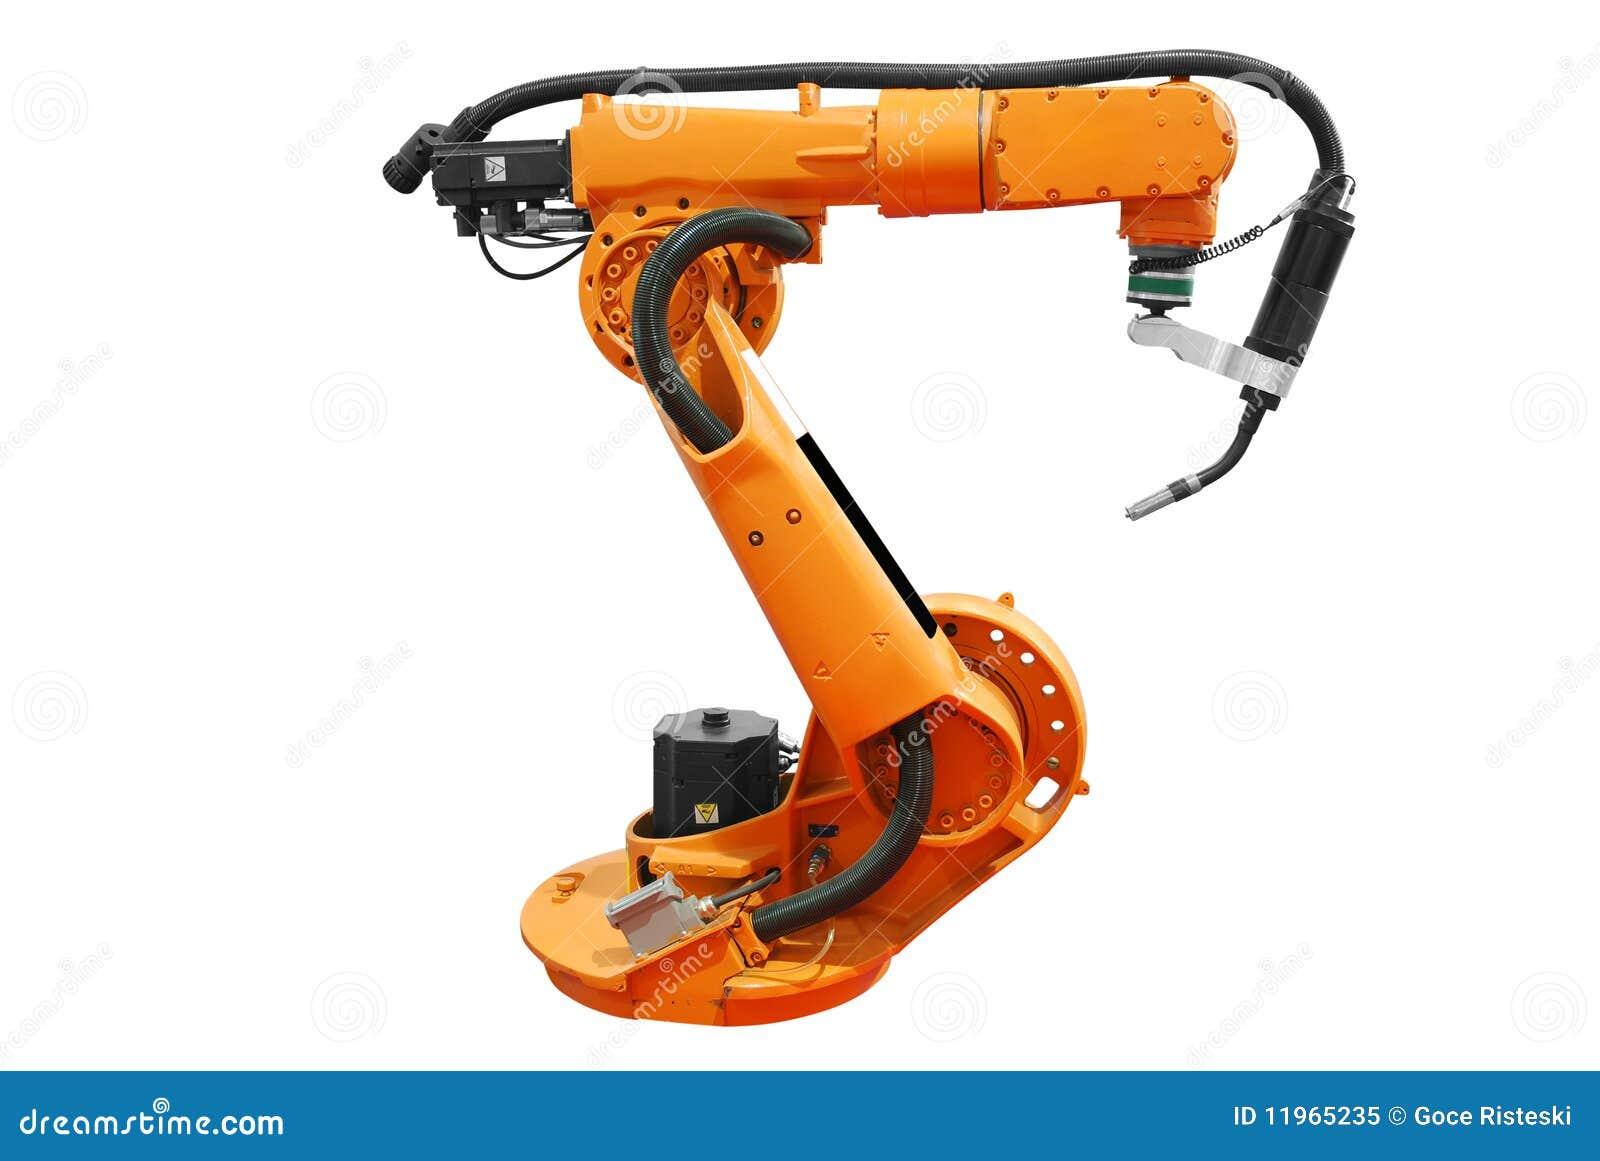 Souvent Bras Robotique Industriel D'isolement Photo libre de droits  VX47